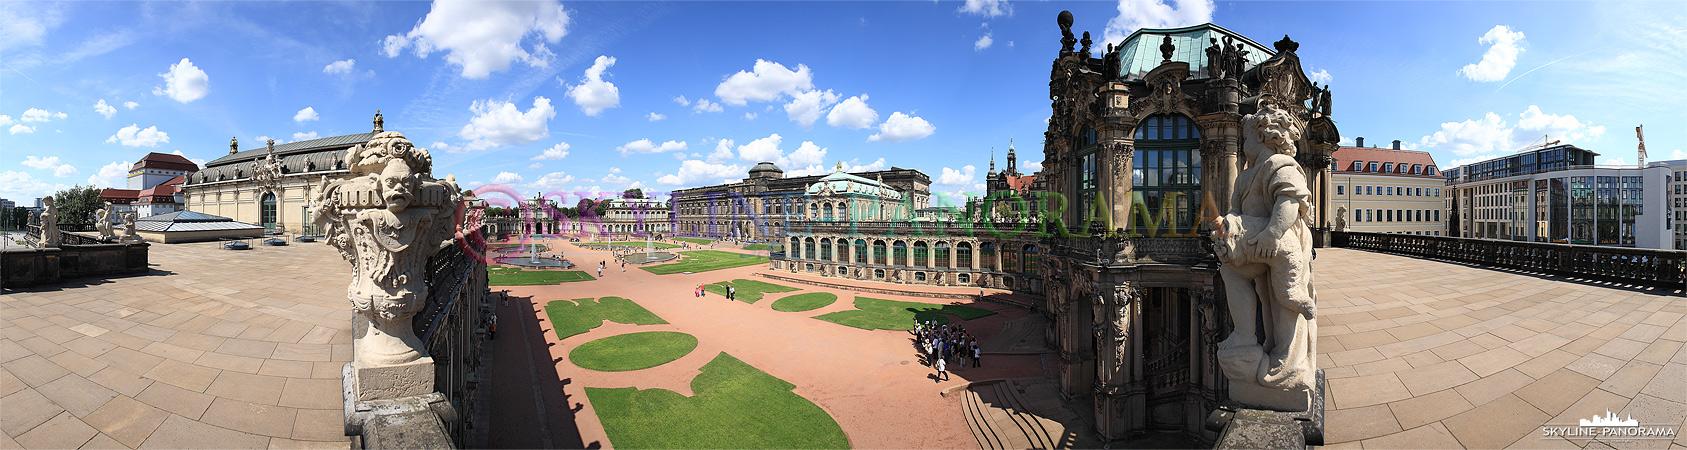 Bilder aus Dresden - Panorama mit Blick in dem Innenhof des Dresdner Zwingers und auf den Glockenspielpavillon.